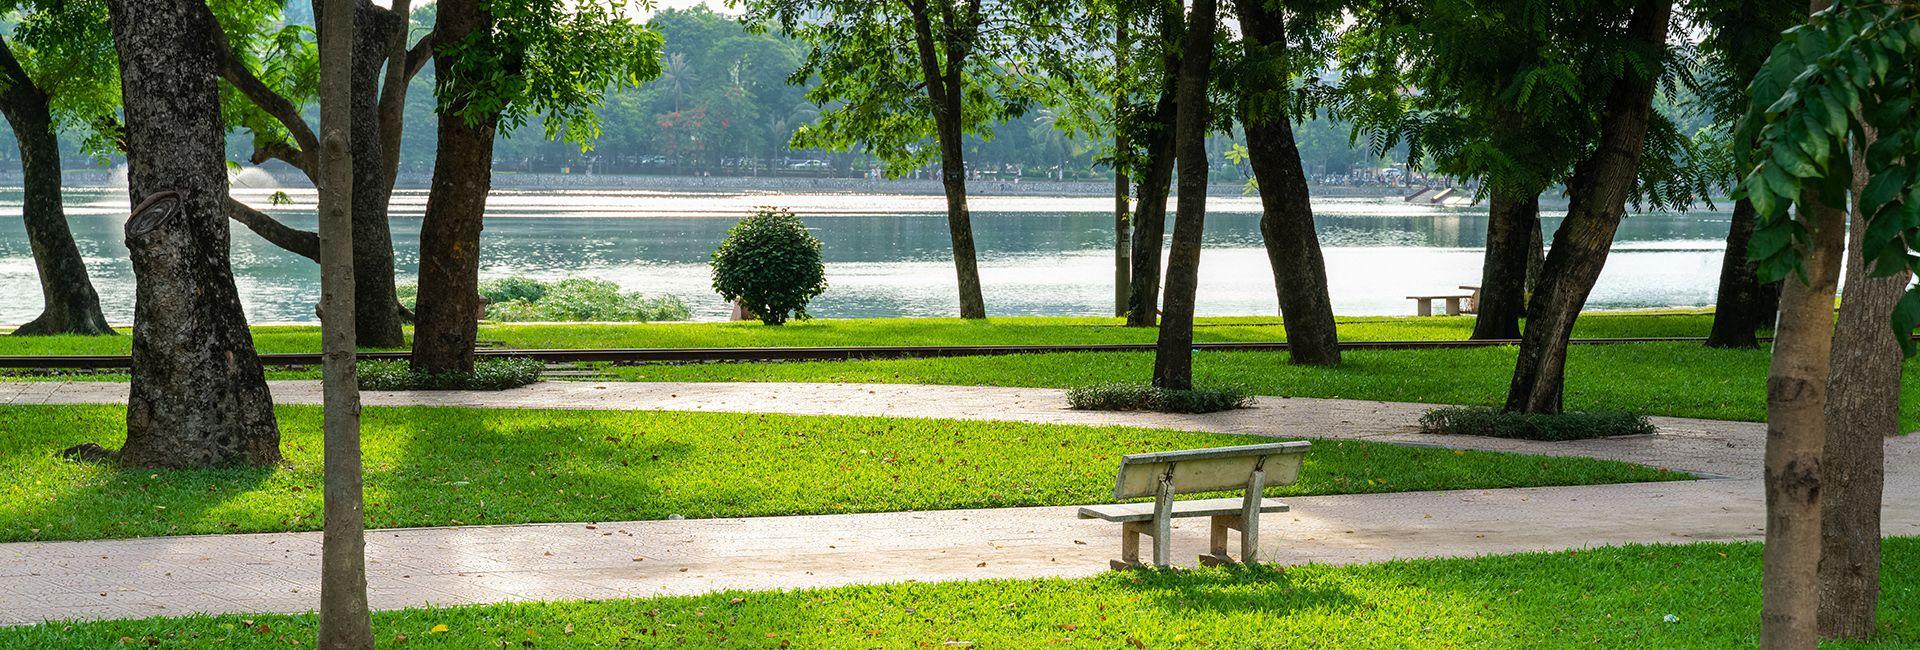 Công viên Thống Nhất có gì chơi, giá vé, tuyến xe buýt